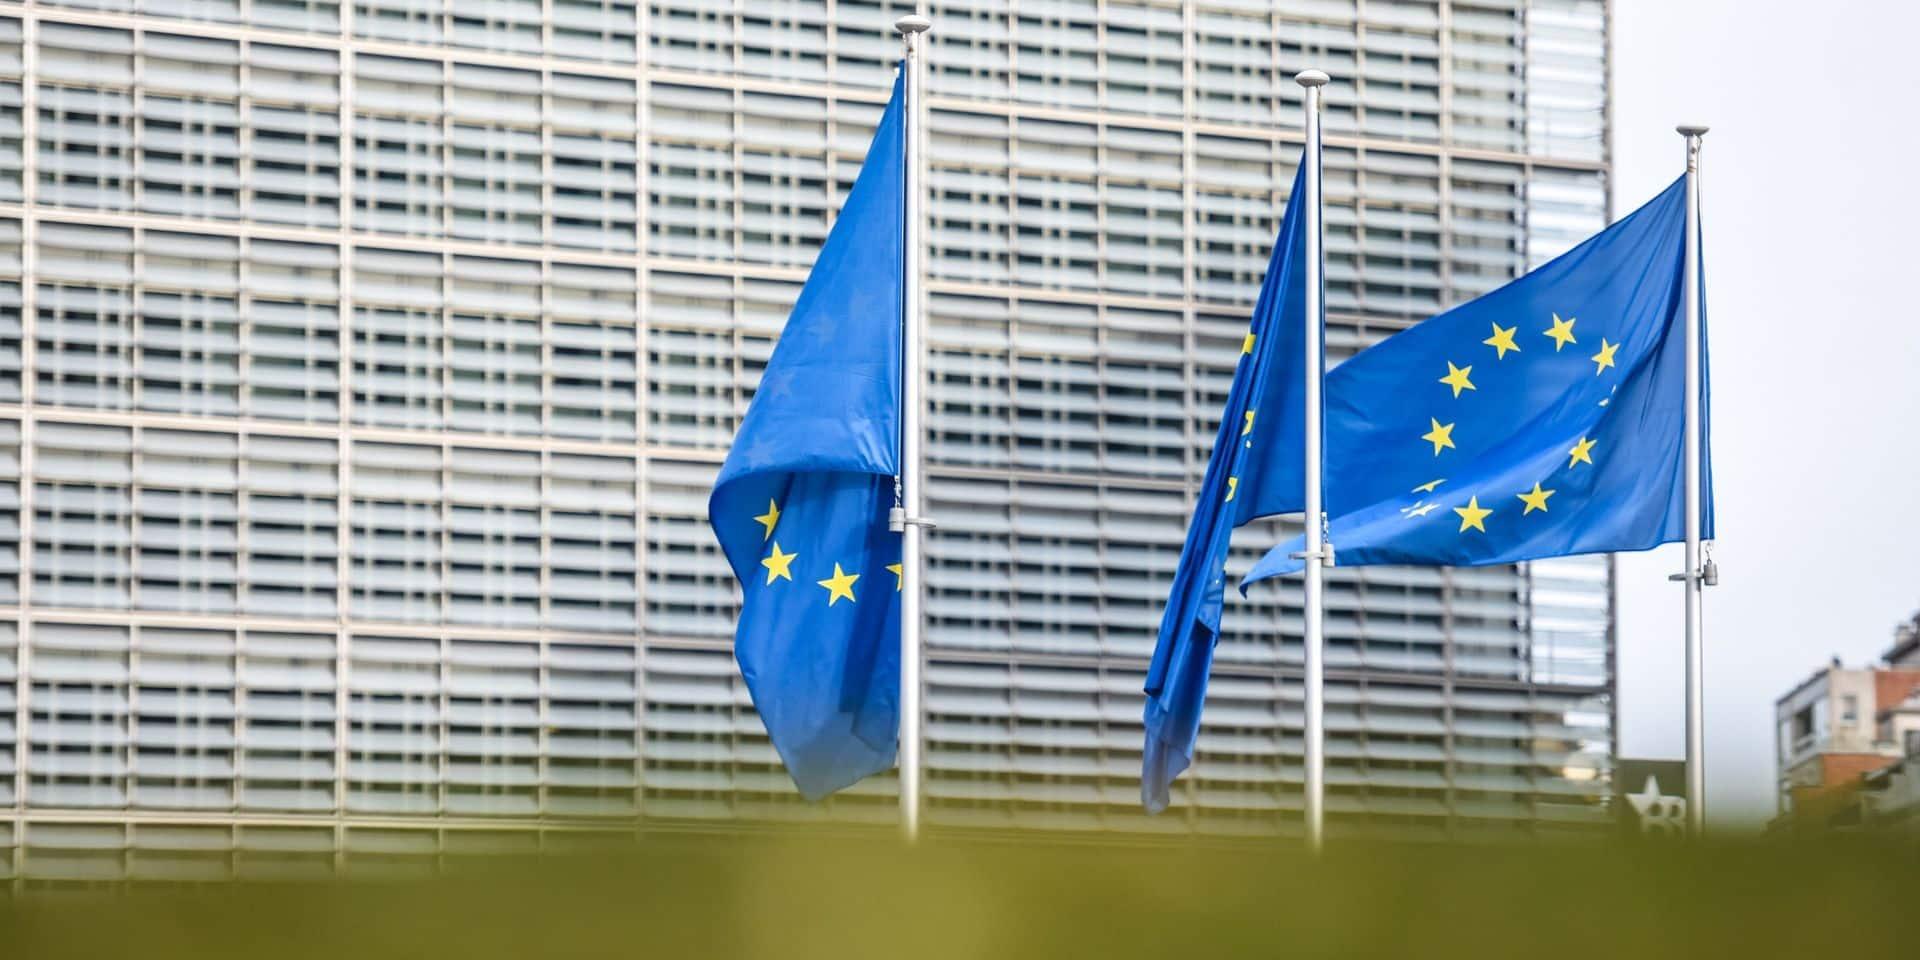 5 milliards d'euros pour le nouveau fonds européen pour la paix